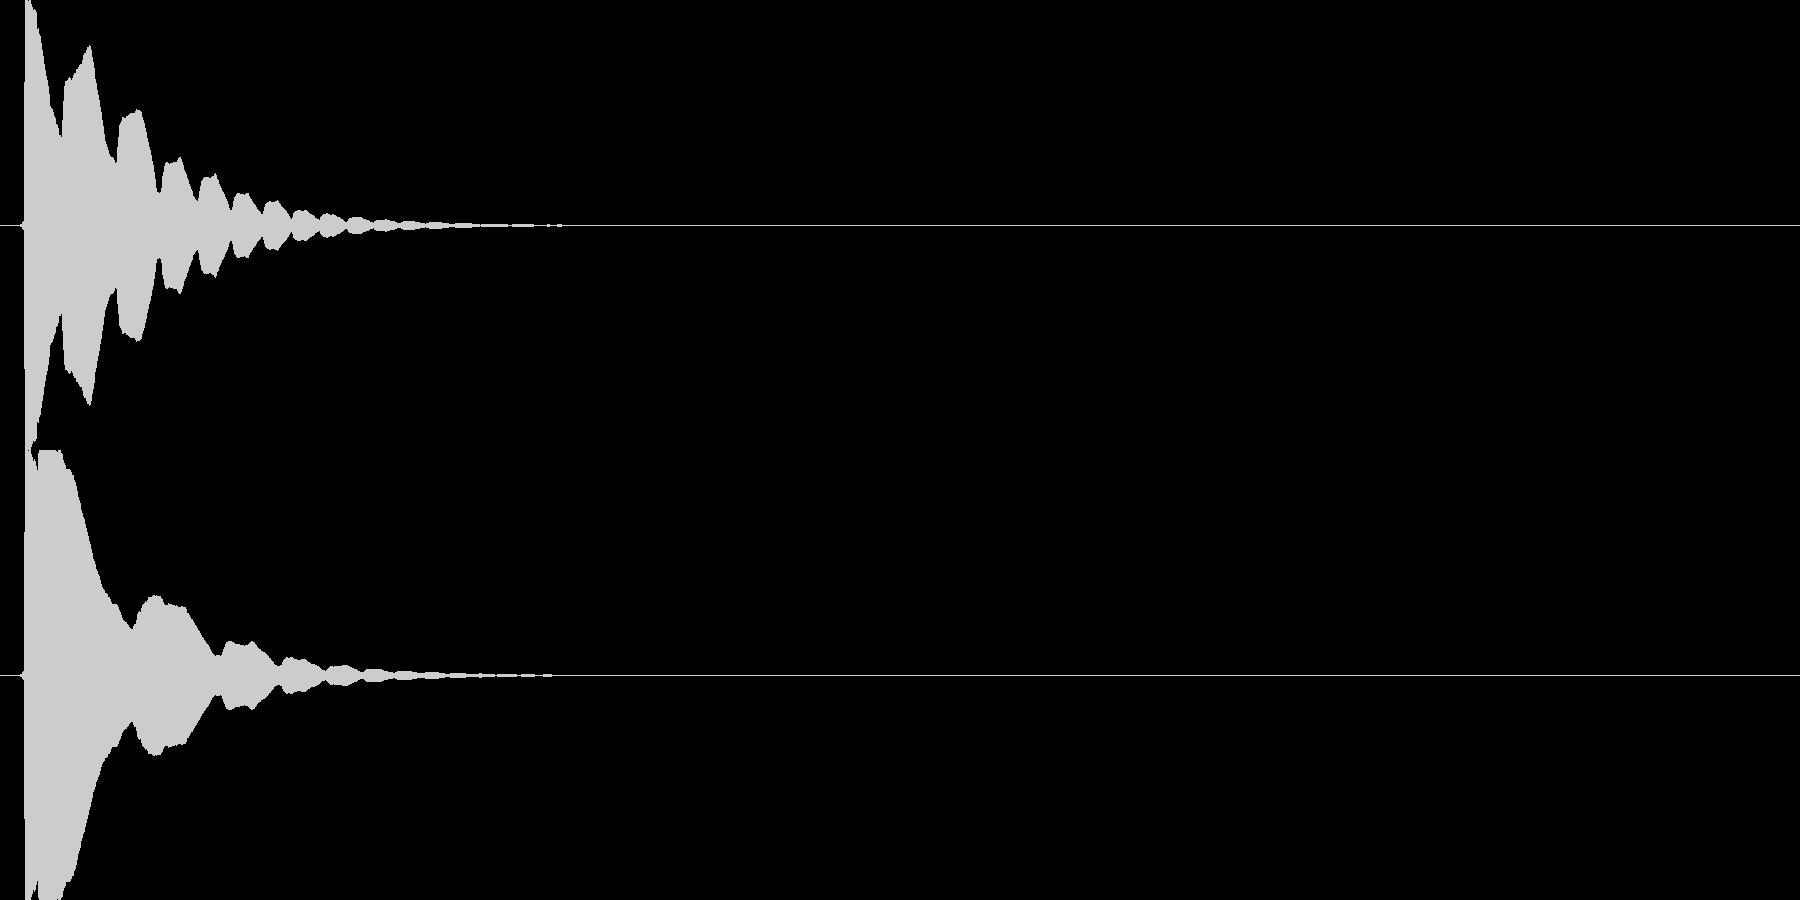 ポイーン(ジャンプ音、アクション、高め)の未再生の波形